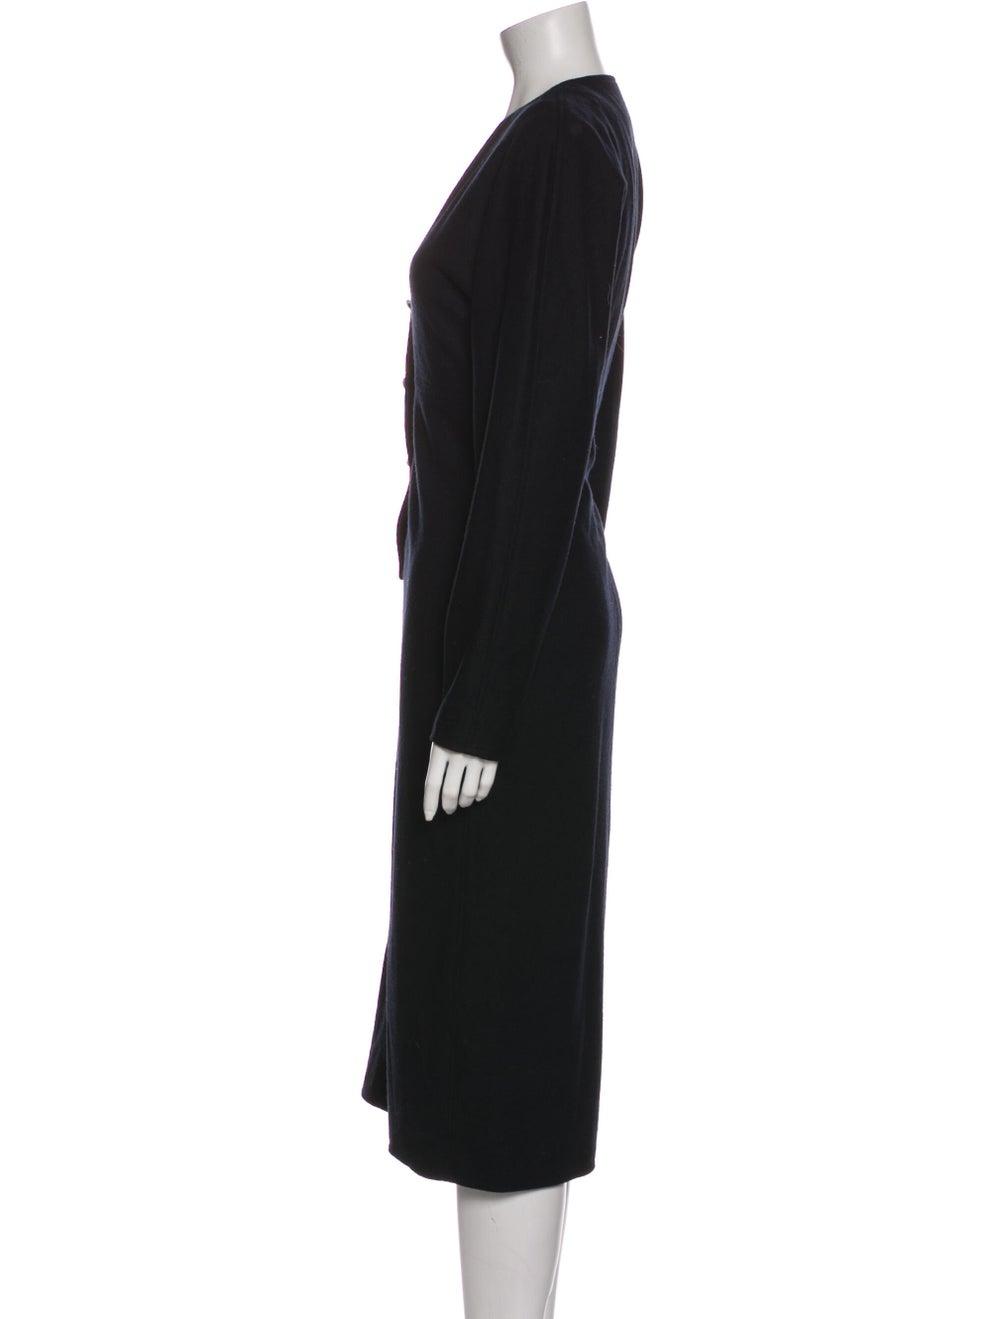 Oscar de la Renta Vintage Midi Length Dress Black - image 2